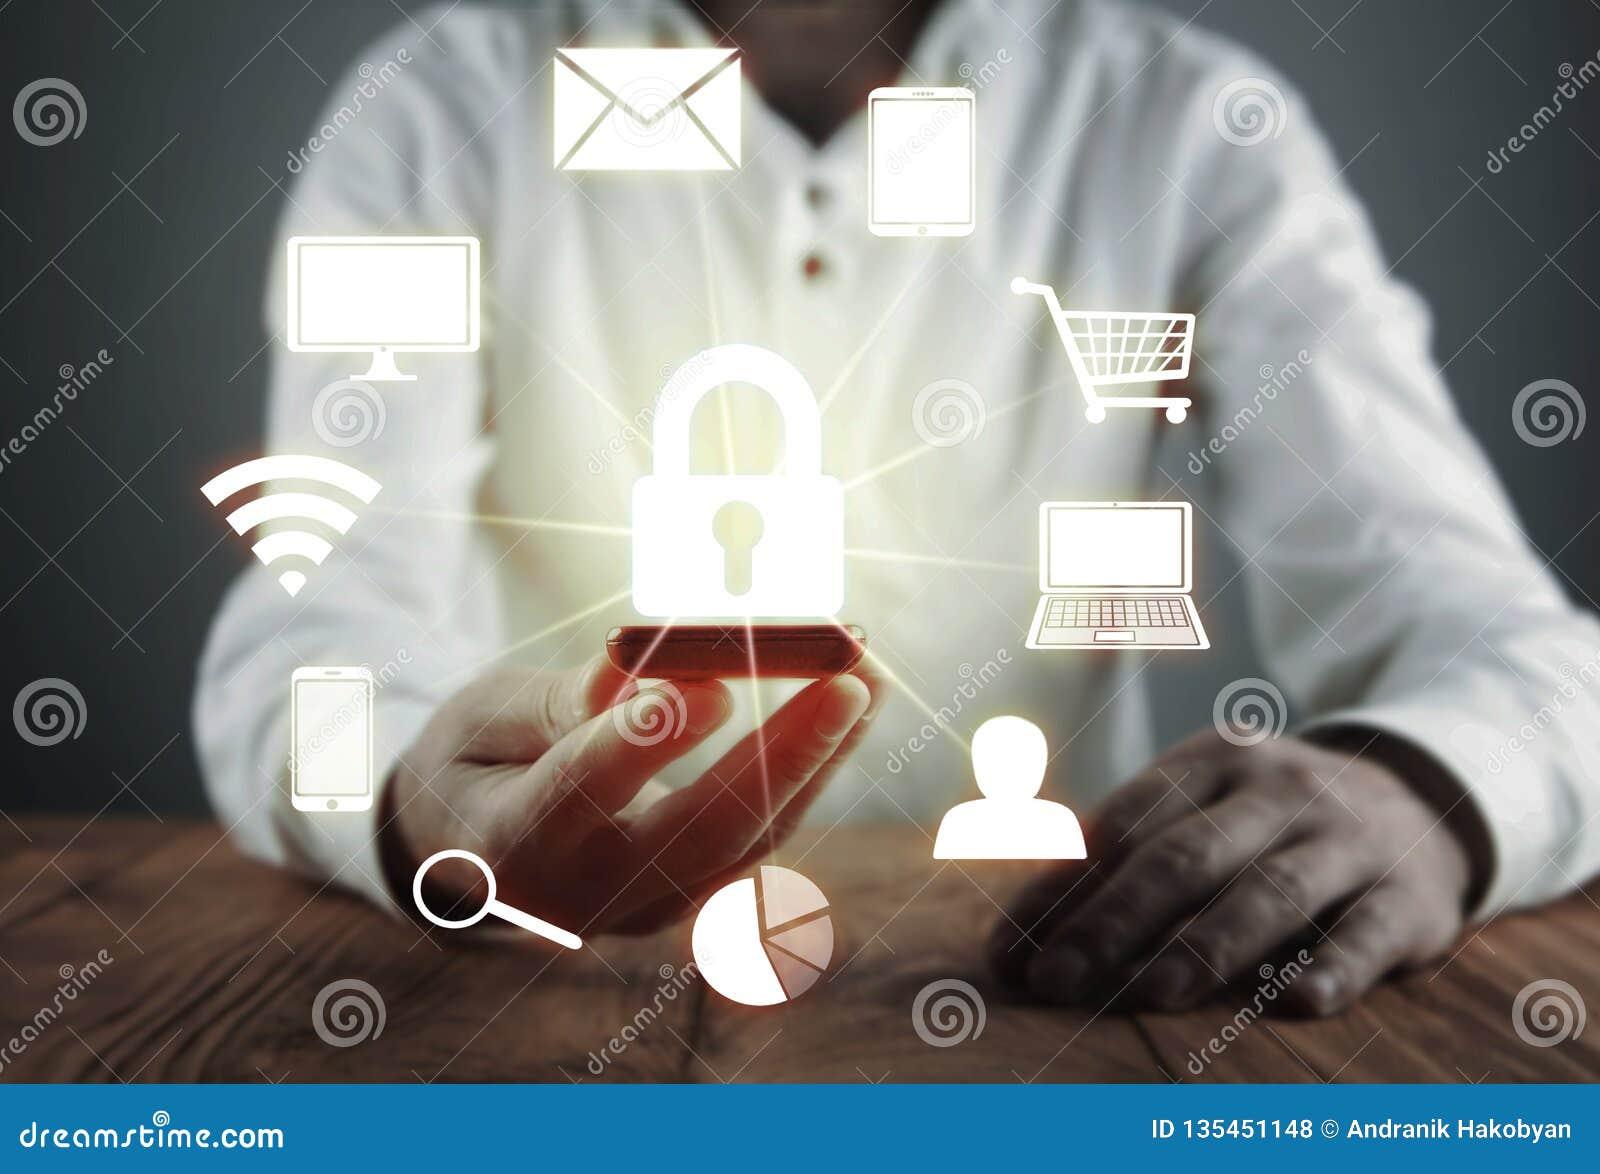 Έννοια προστασίας δεδομένων και cyber ασφάλειας Ασφάλεια πληροφοριών Έννοια της επιχείρησης και της τεχνολογίας Διαδικτύου